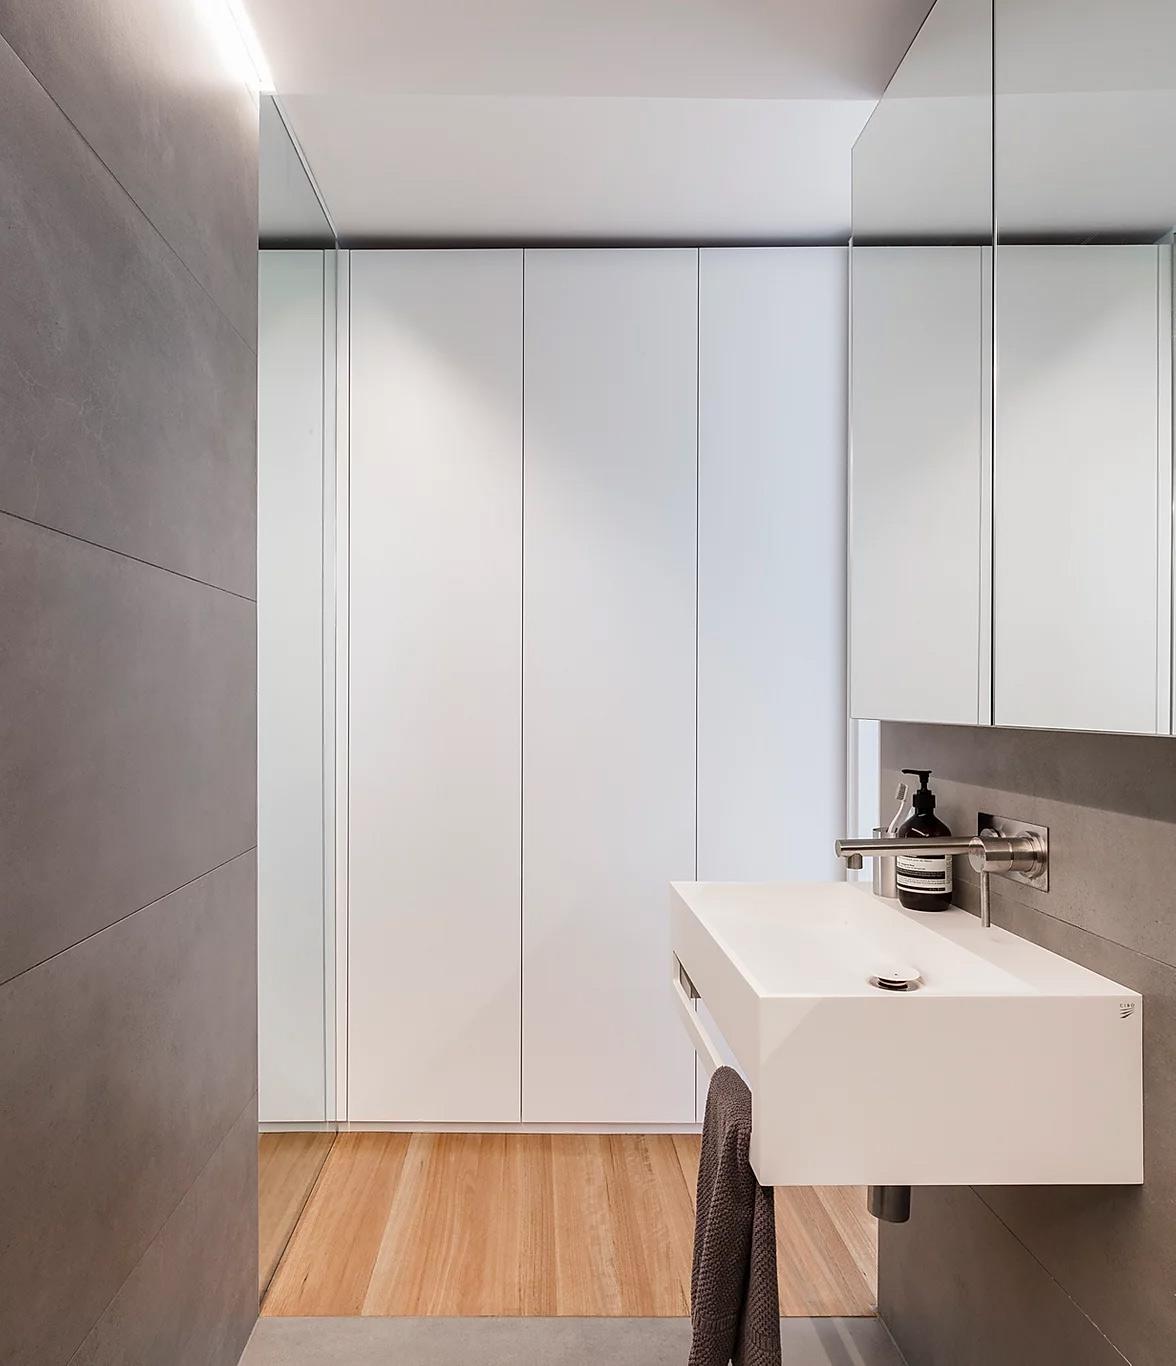 hình ảnh phòng tắm nhỏ màu trắng